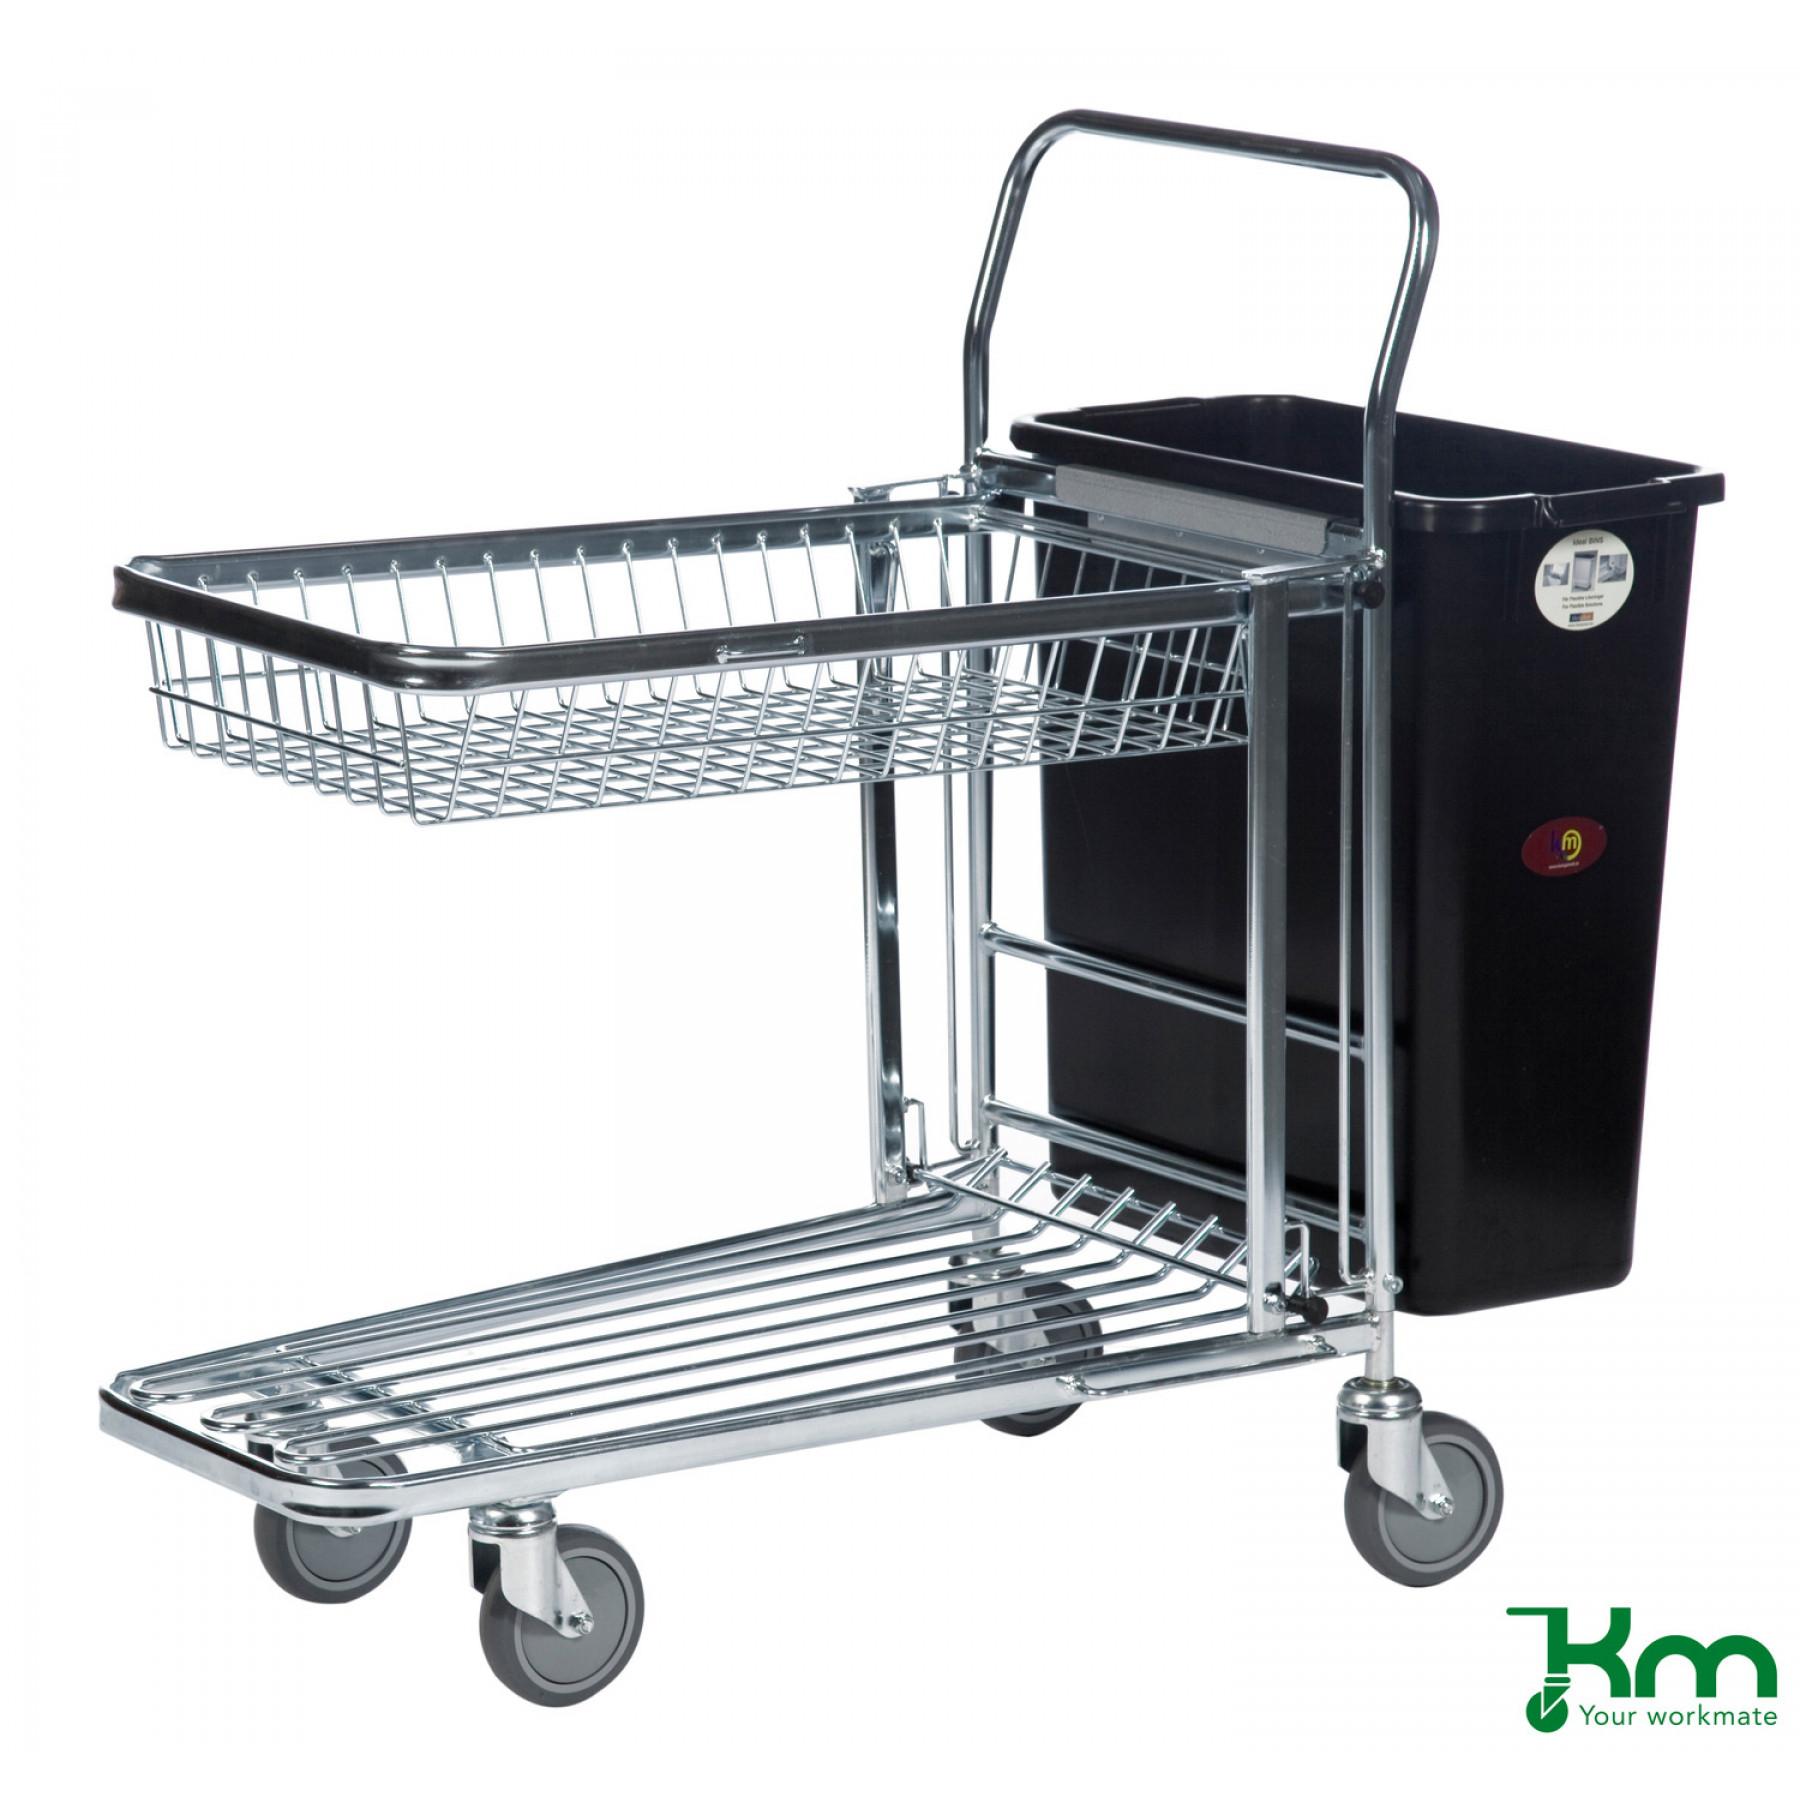 Kunststof afvalbak voor winkelwagens, KM 1800496221